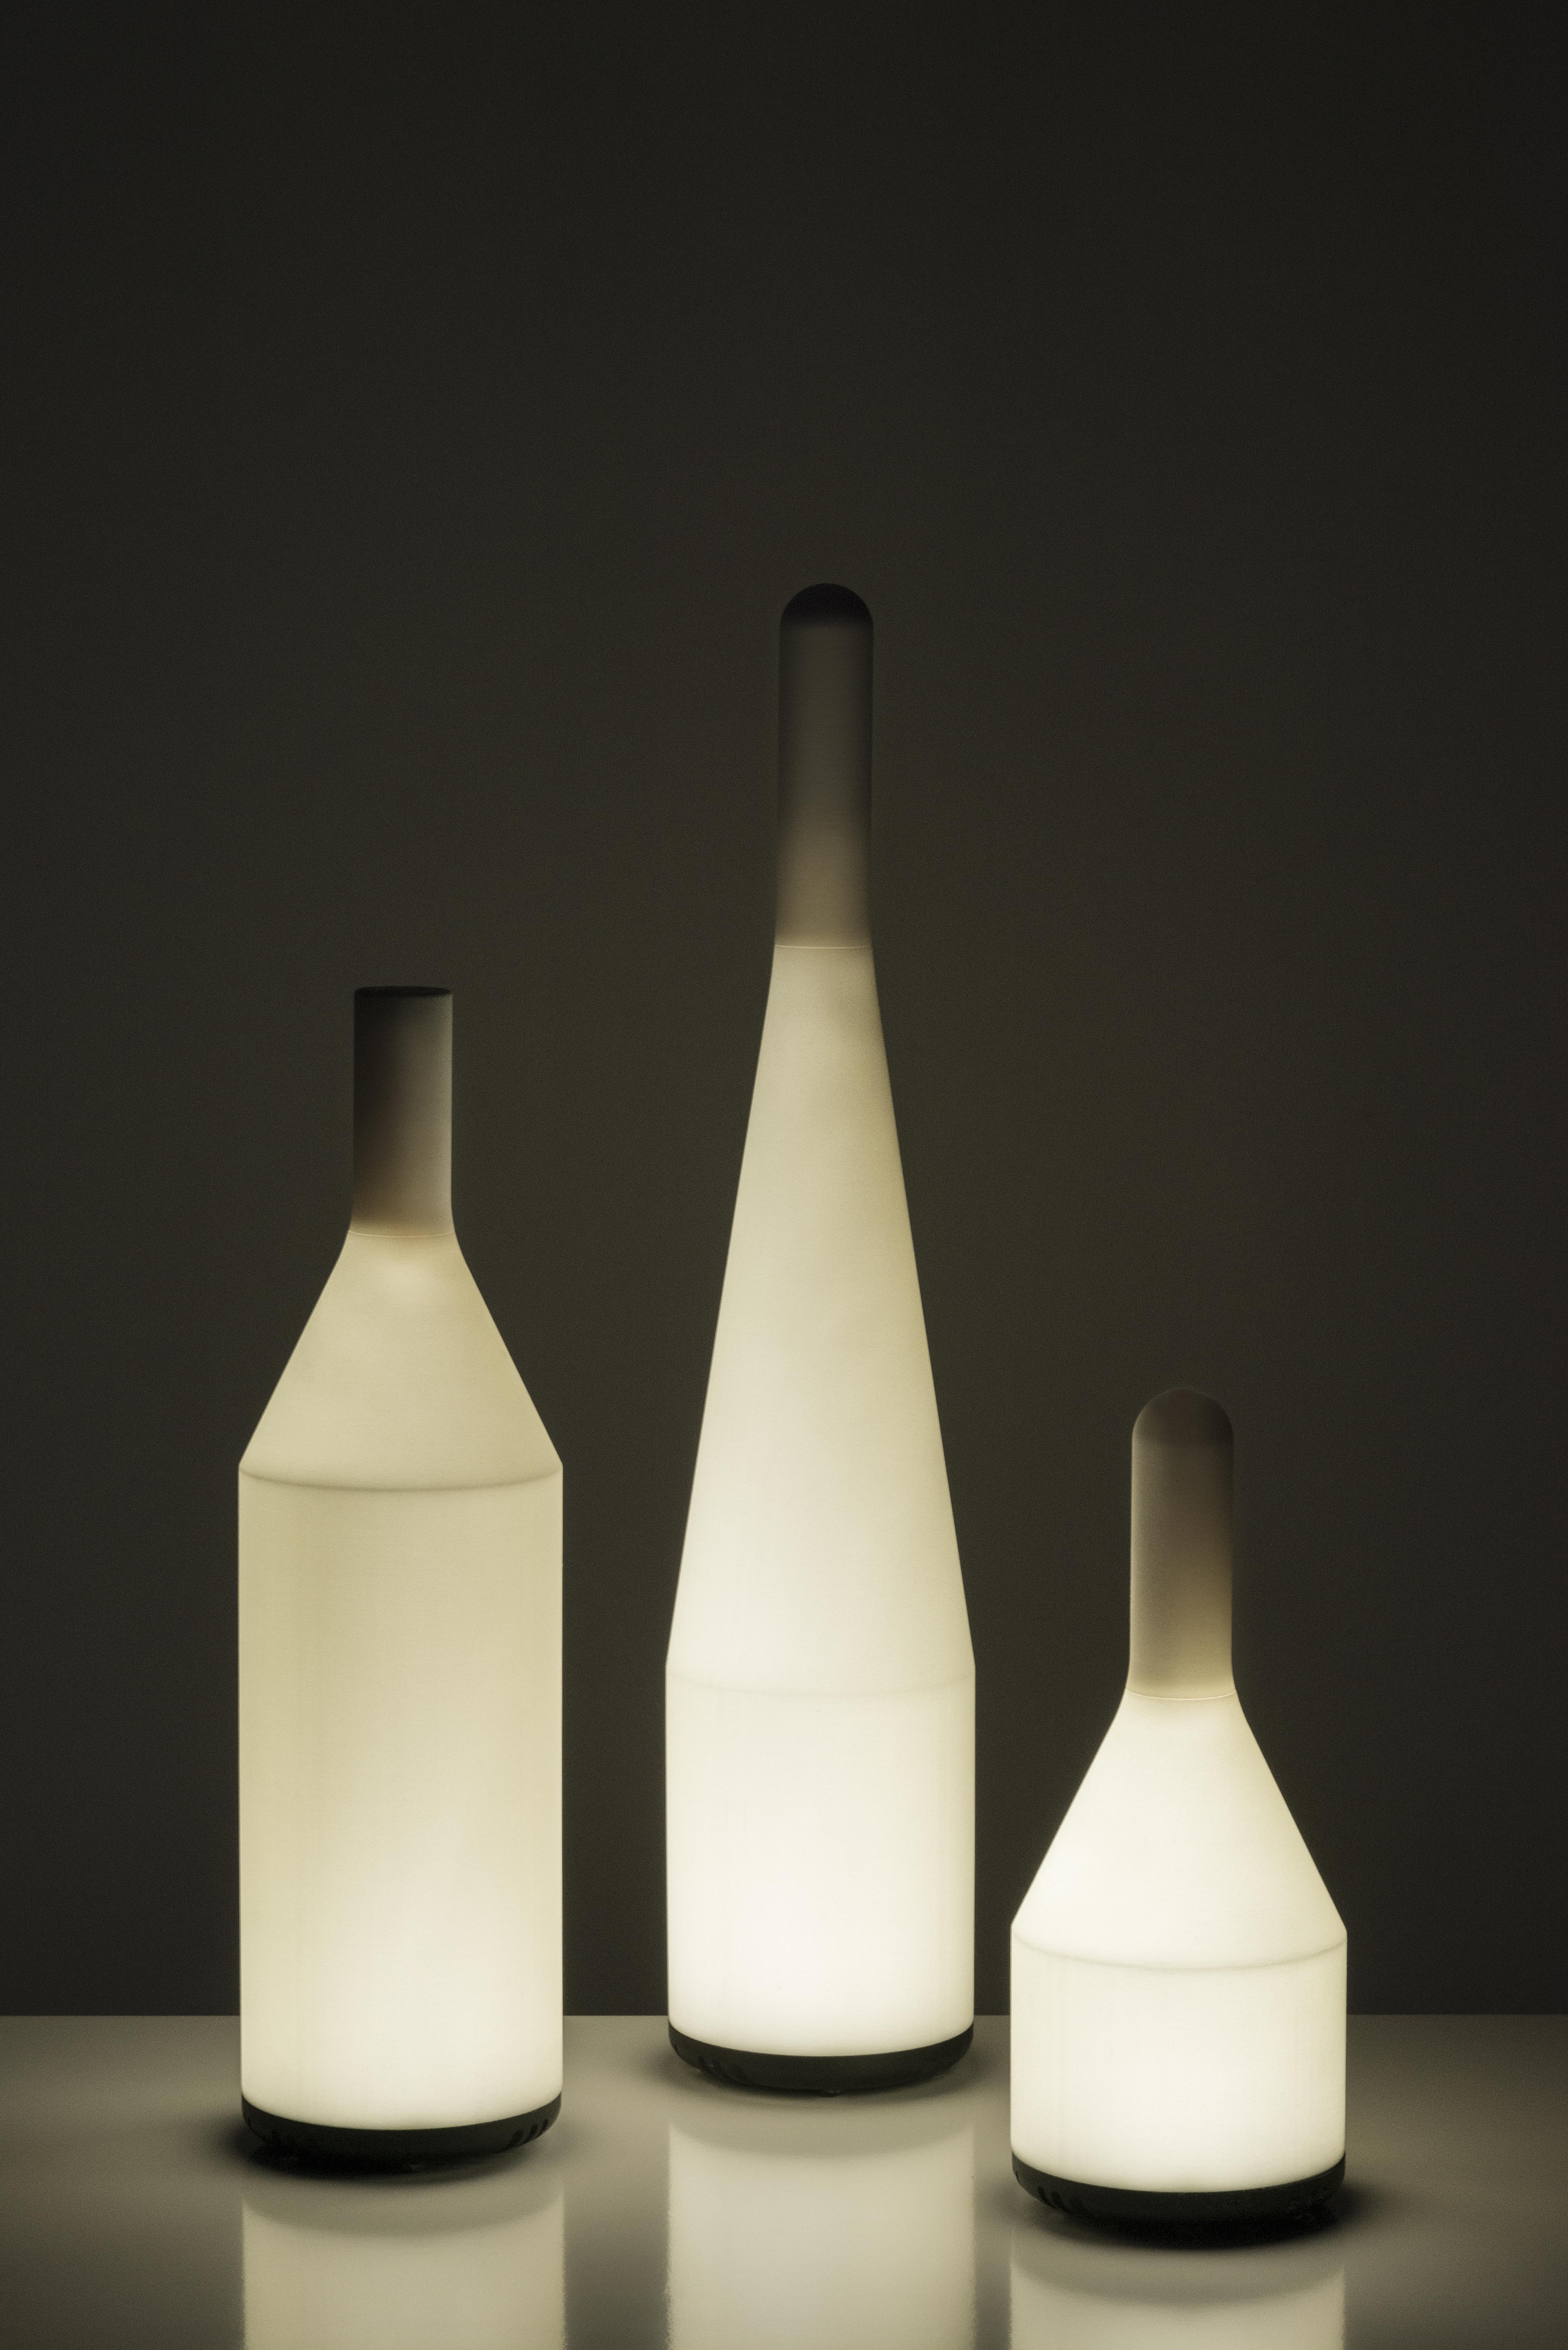 """Le lampade/bottiglie """"Voltaire"""", disegnate da Gio Tirotto per .exnovo (courtesy photo: Federico Villa)"""